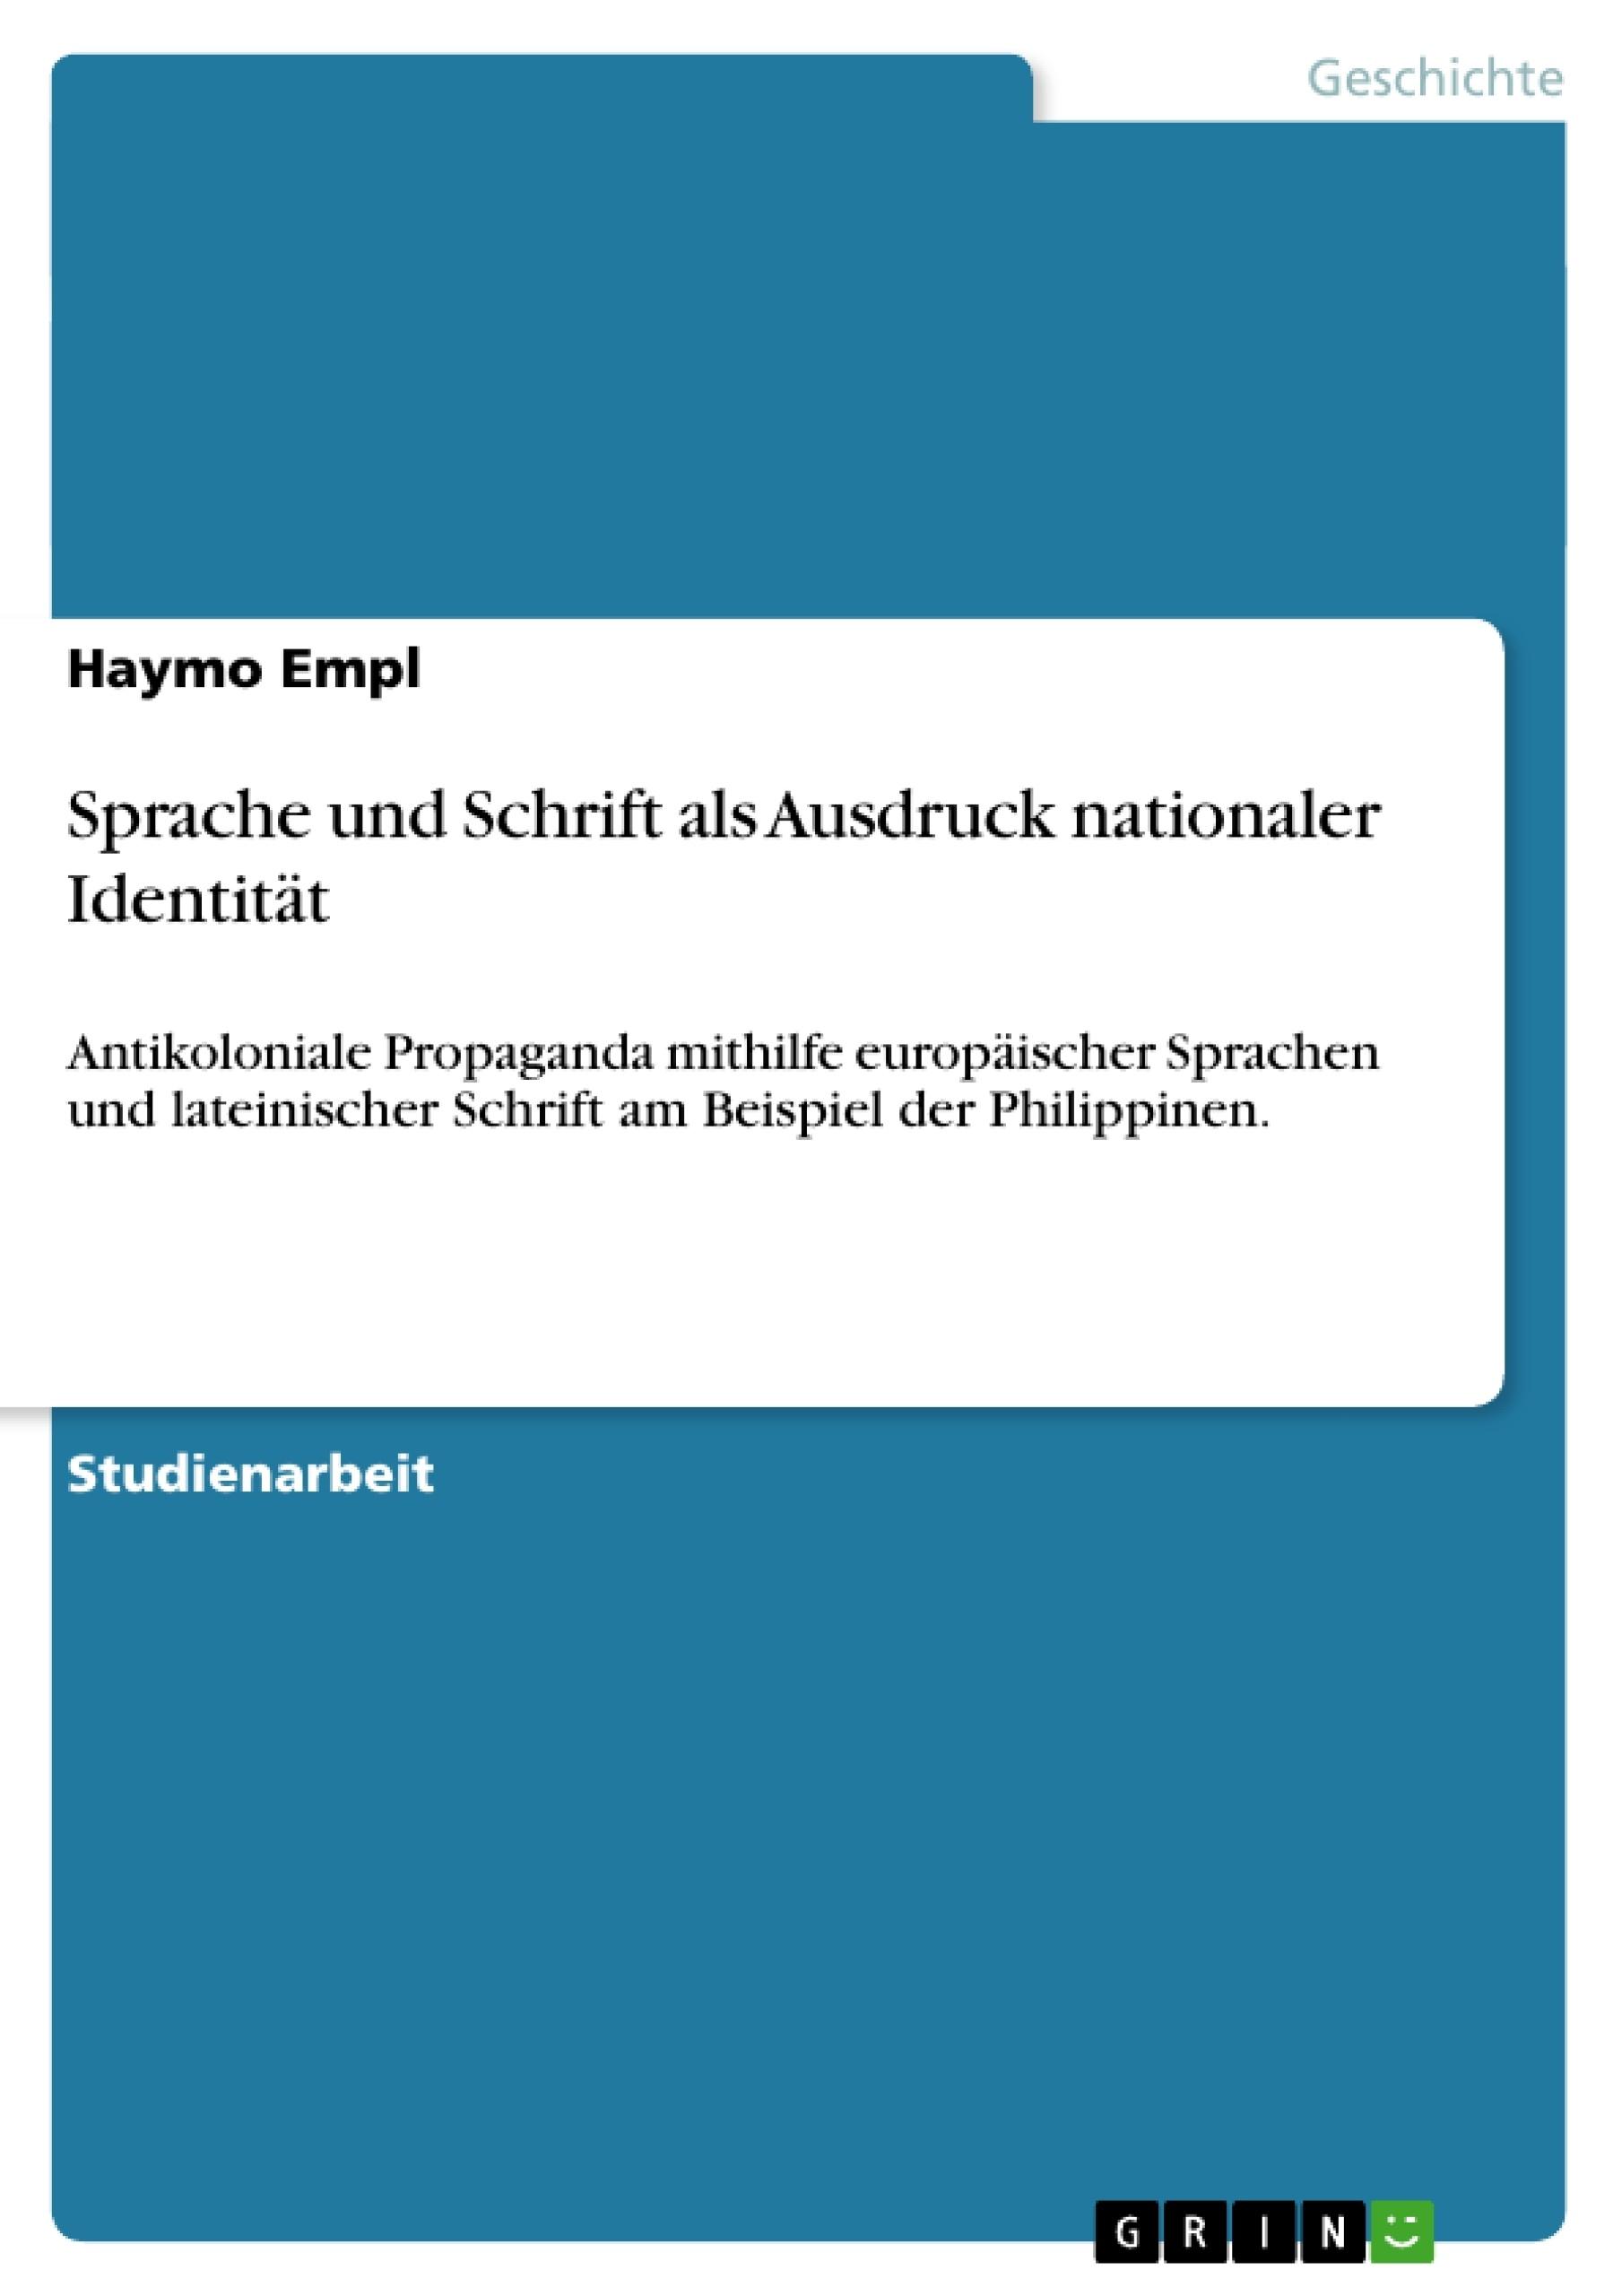 Titel: Sprache und Schrift als Ausdruck nationaler Identität